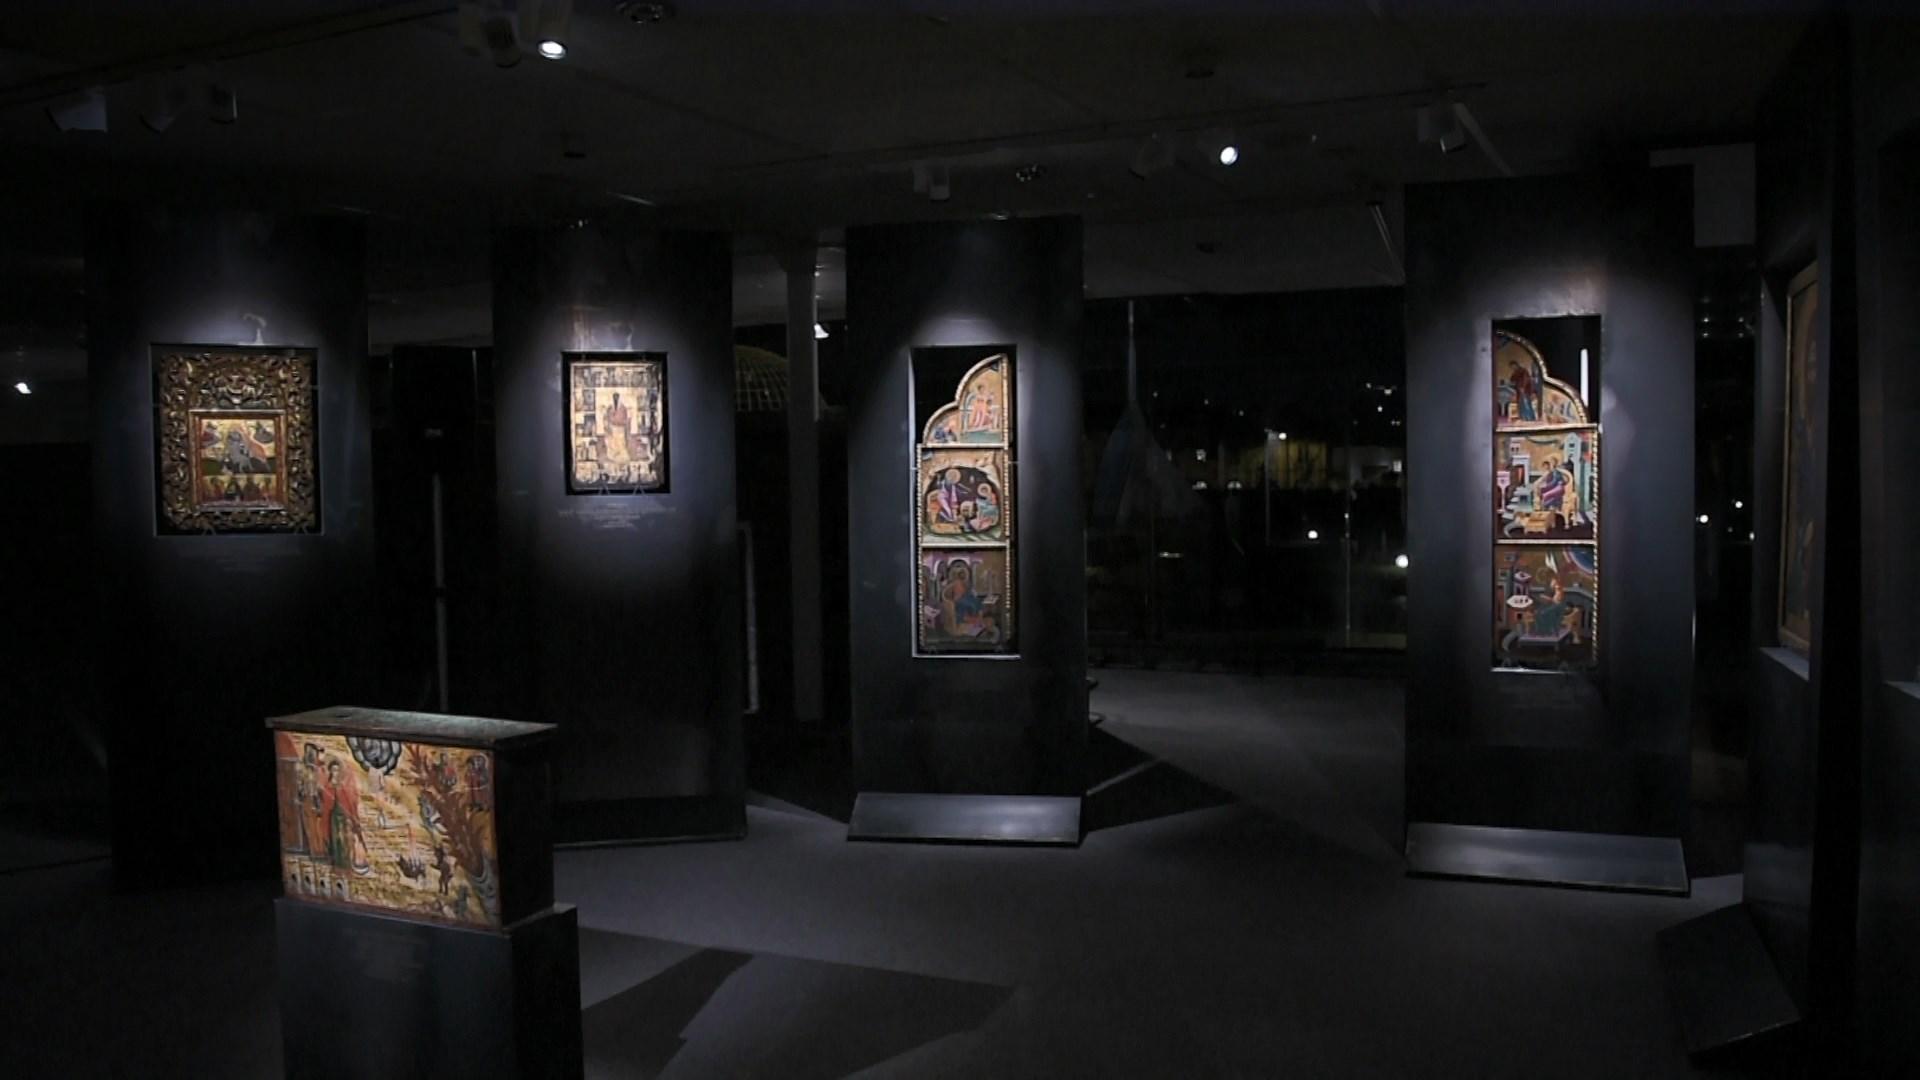 Koleksioni i rrallë i ikonave të artit bizantin prezantohet në Paris